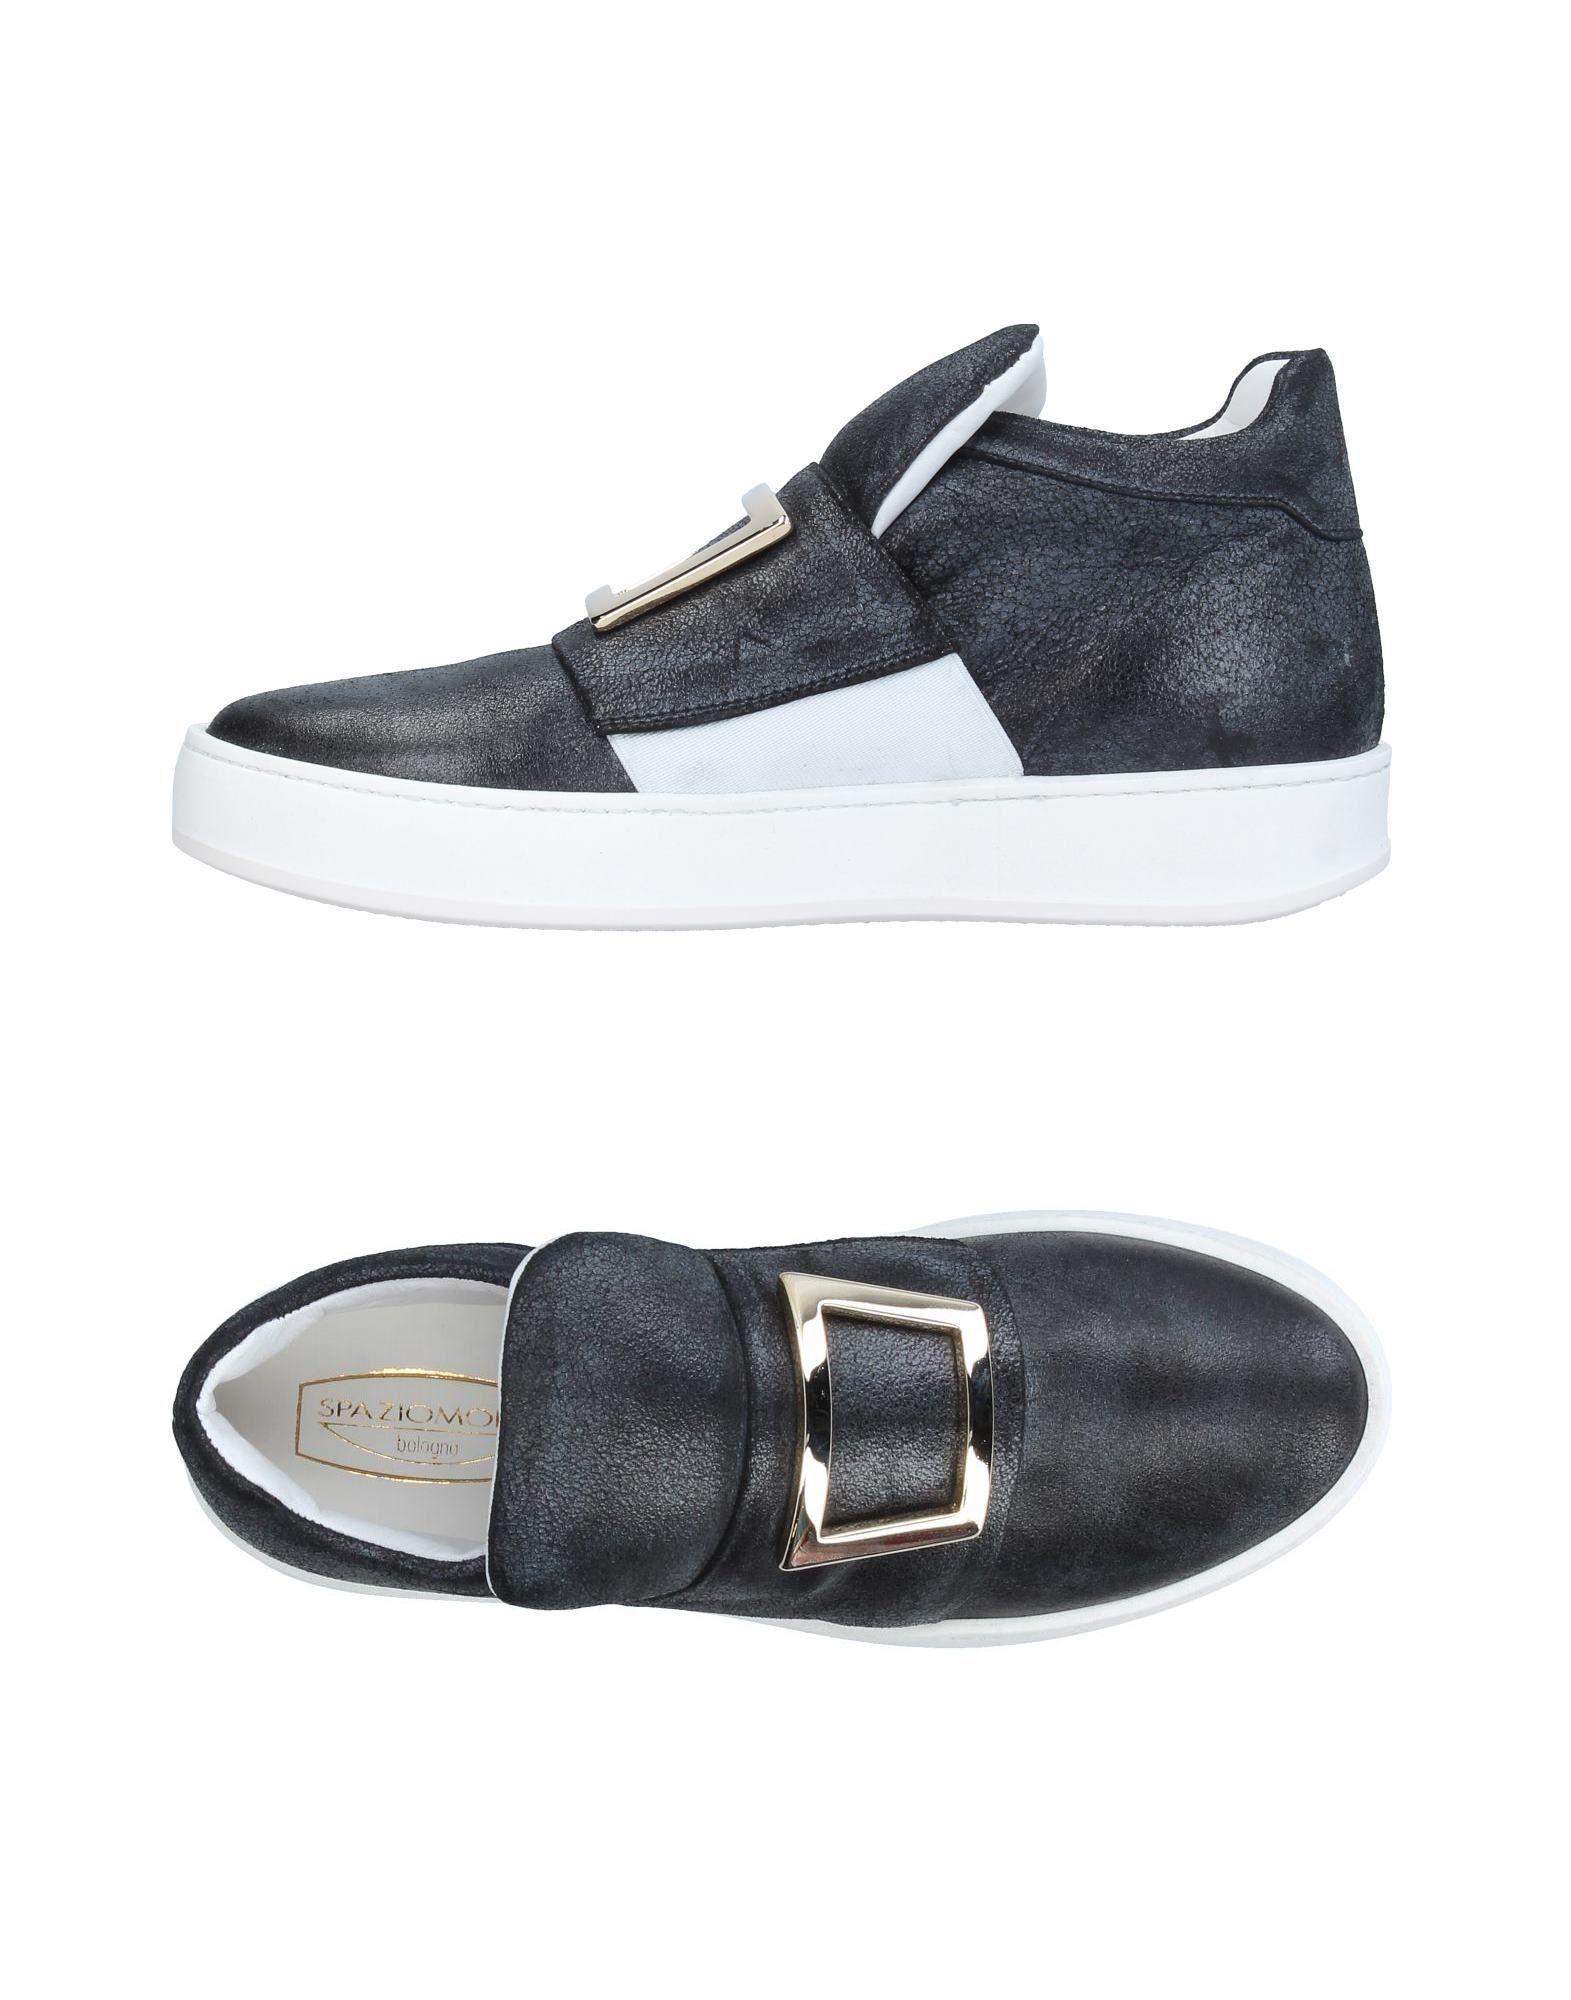 Spaziomoda Sneakers Damen  11341861VO Gute Qualität beliebte Schuhe